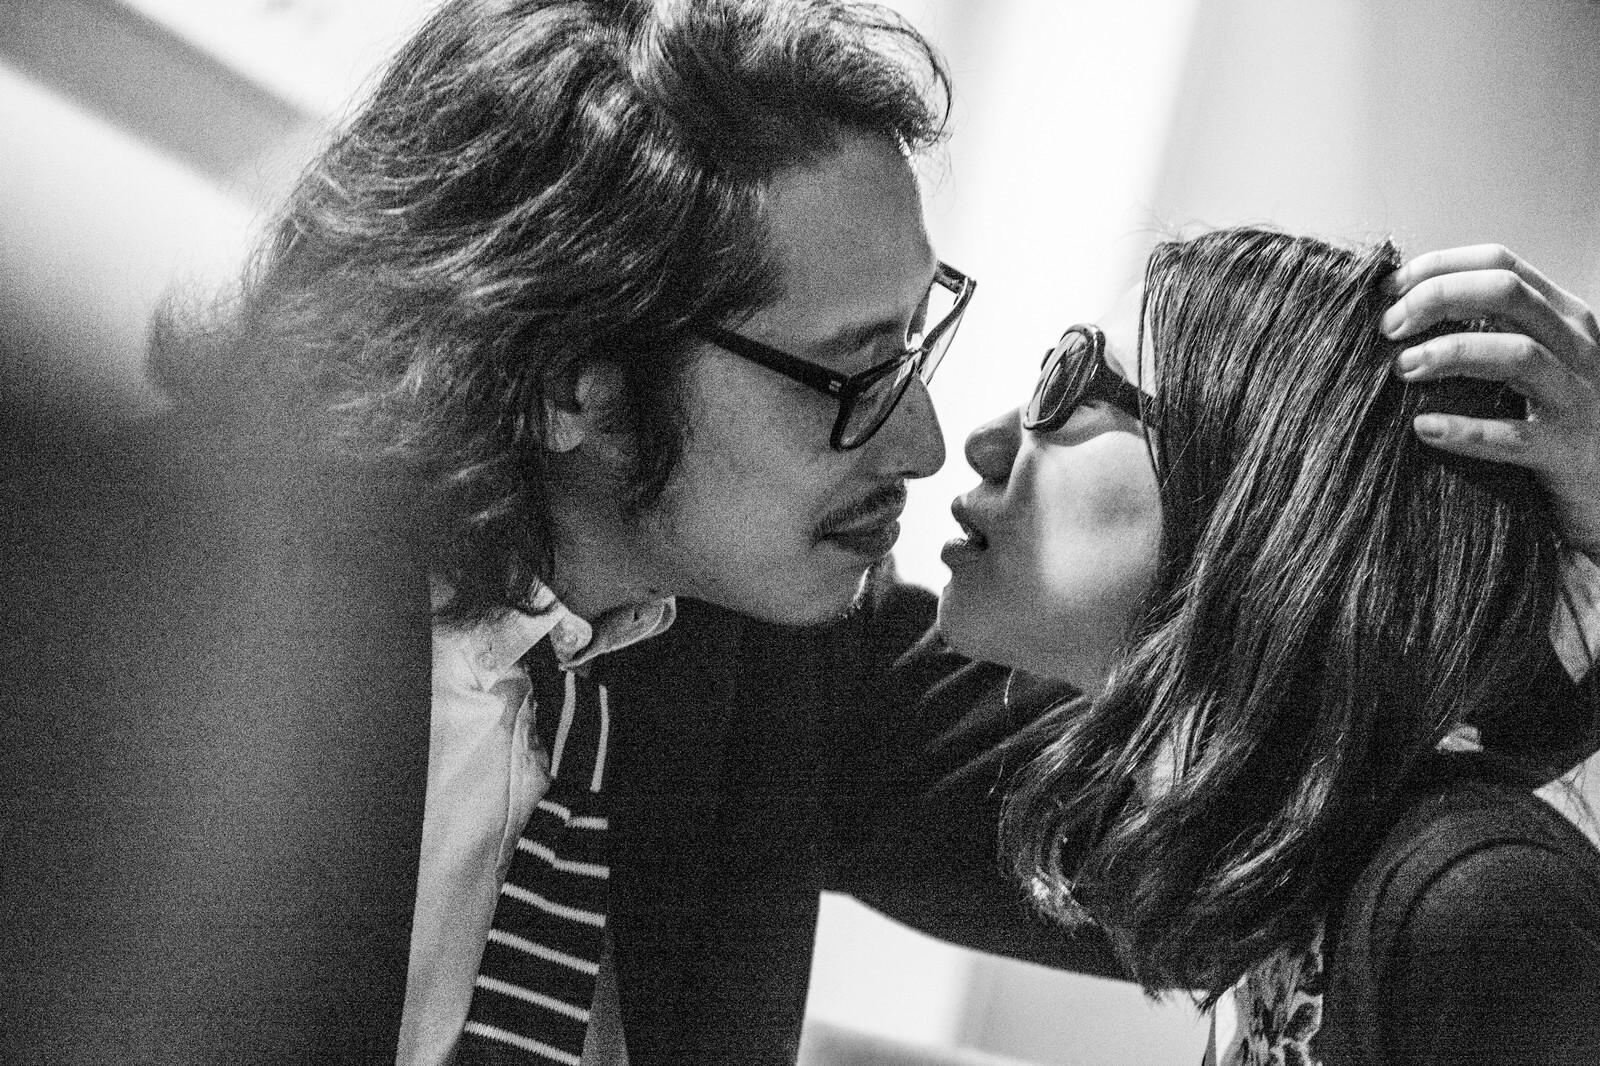 浮気のキスと遠距離恋愛。